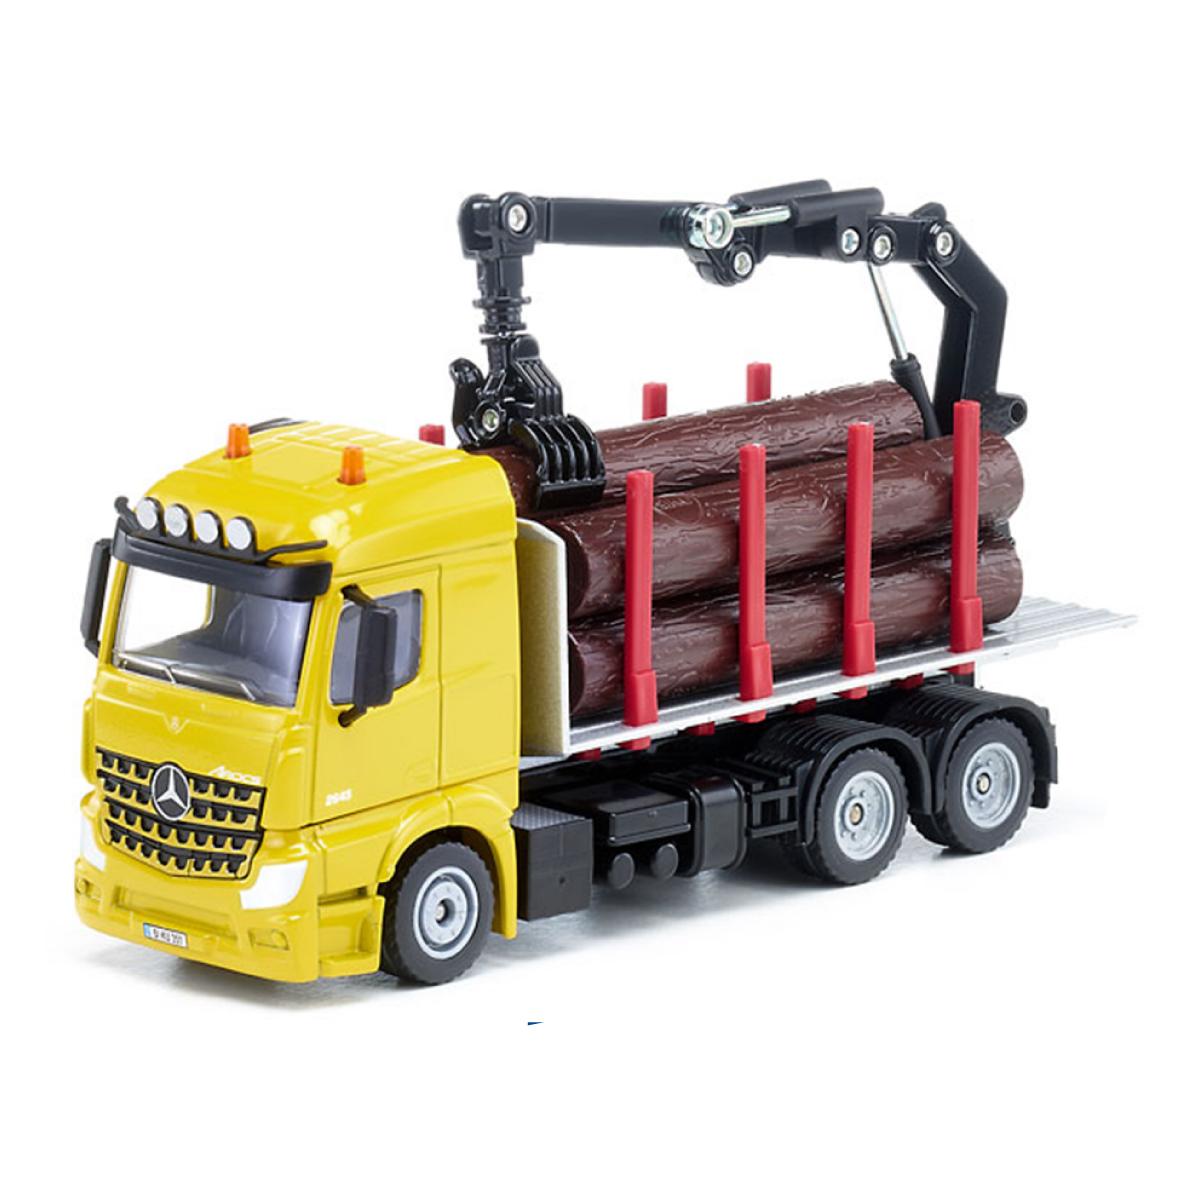 木材運搬トレーラー 1:50(ジク・SIKU)